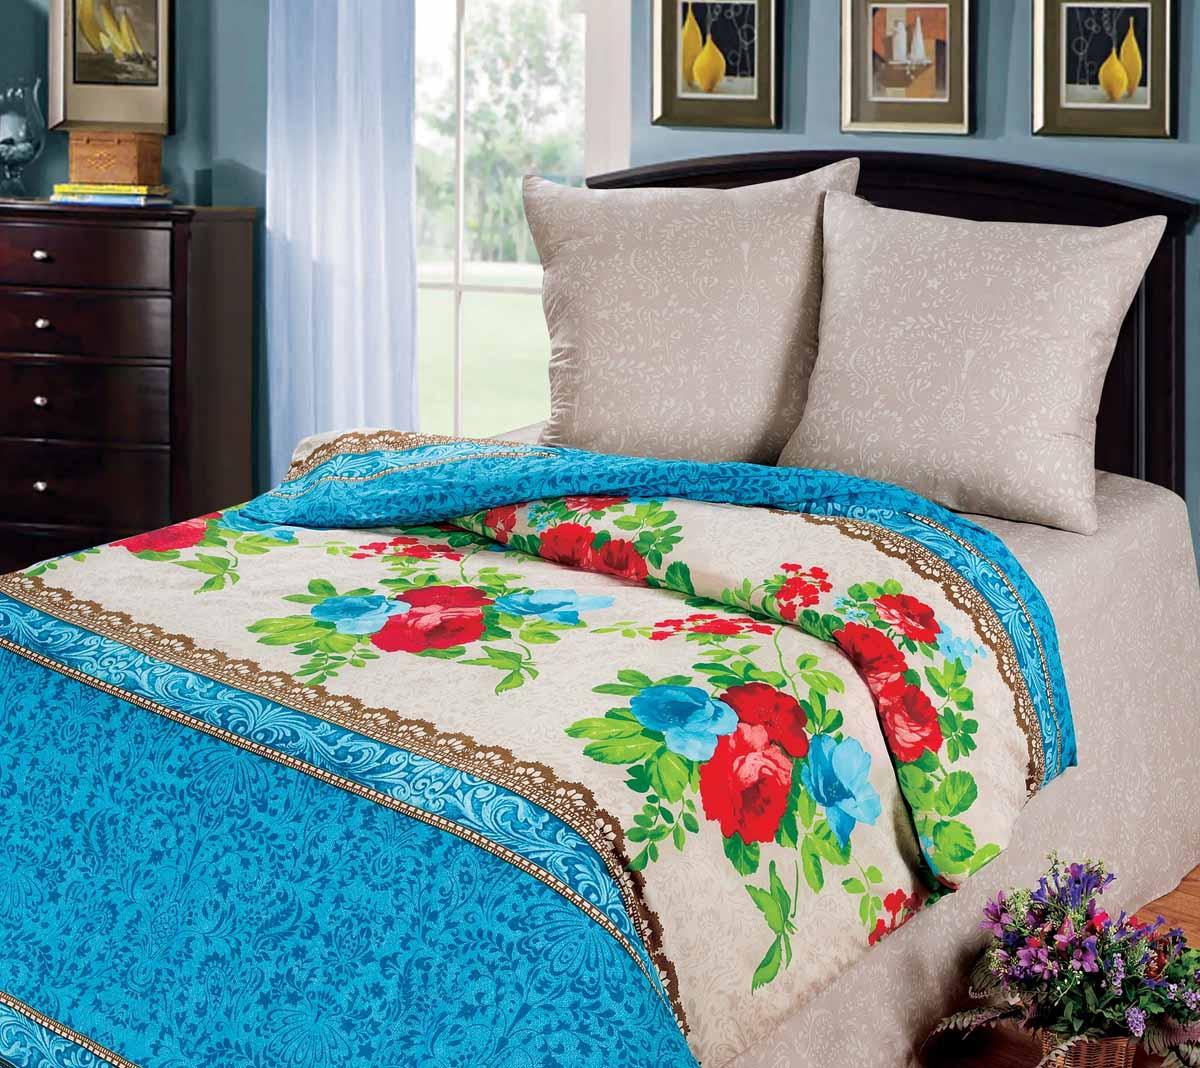 Комплект белья Любимый дом Роял, 1,5-спальный, наволочки 70x70, цвет: голубой358212Комплект постельного белья коллекции Любимый дом выполнен из высококачественной ткани - из 100% хлопка. Такое белье абсолютно натуральное, гипоаллергенное, соответствует строжайшим экологическим нормам безопасности, комфортное, дышащее, не нарушает естественные процессы терморегуляции, прочное, не линяет, не деформируется и не теряет своих красок даже после многочисленных стирок, а также отличается хорошей износостойкостью.